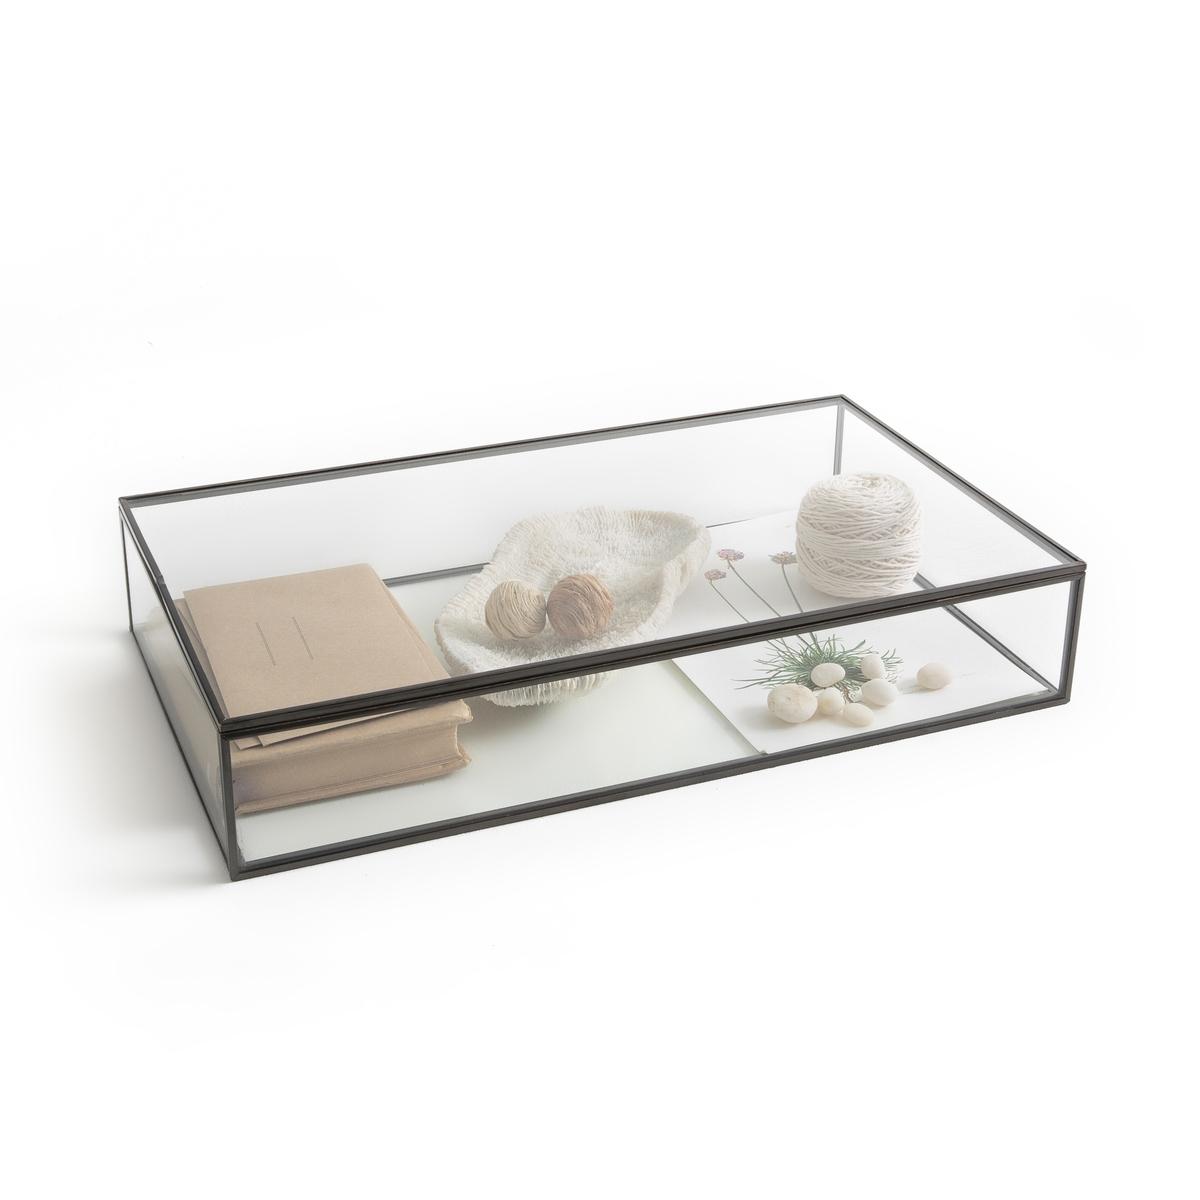 Cofanetto-vetrina L50xA9xP29 cm, Digori